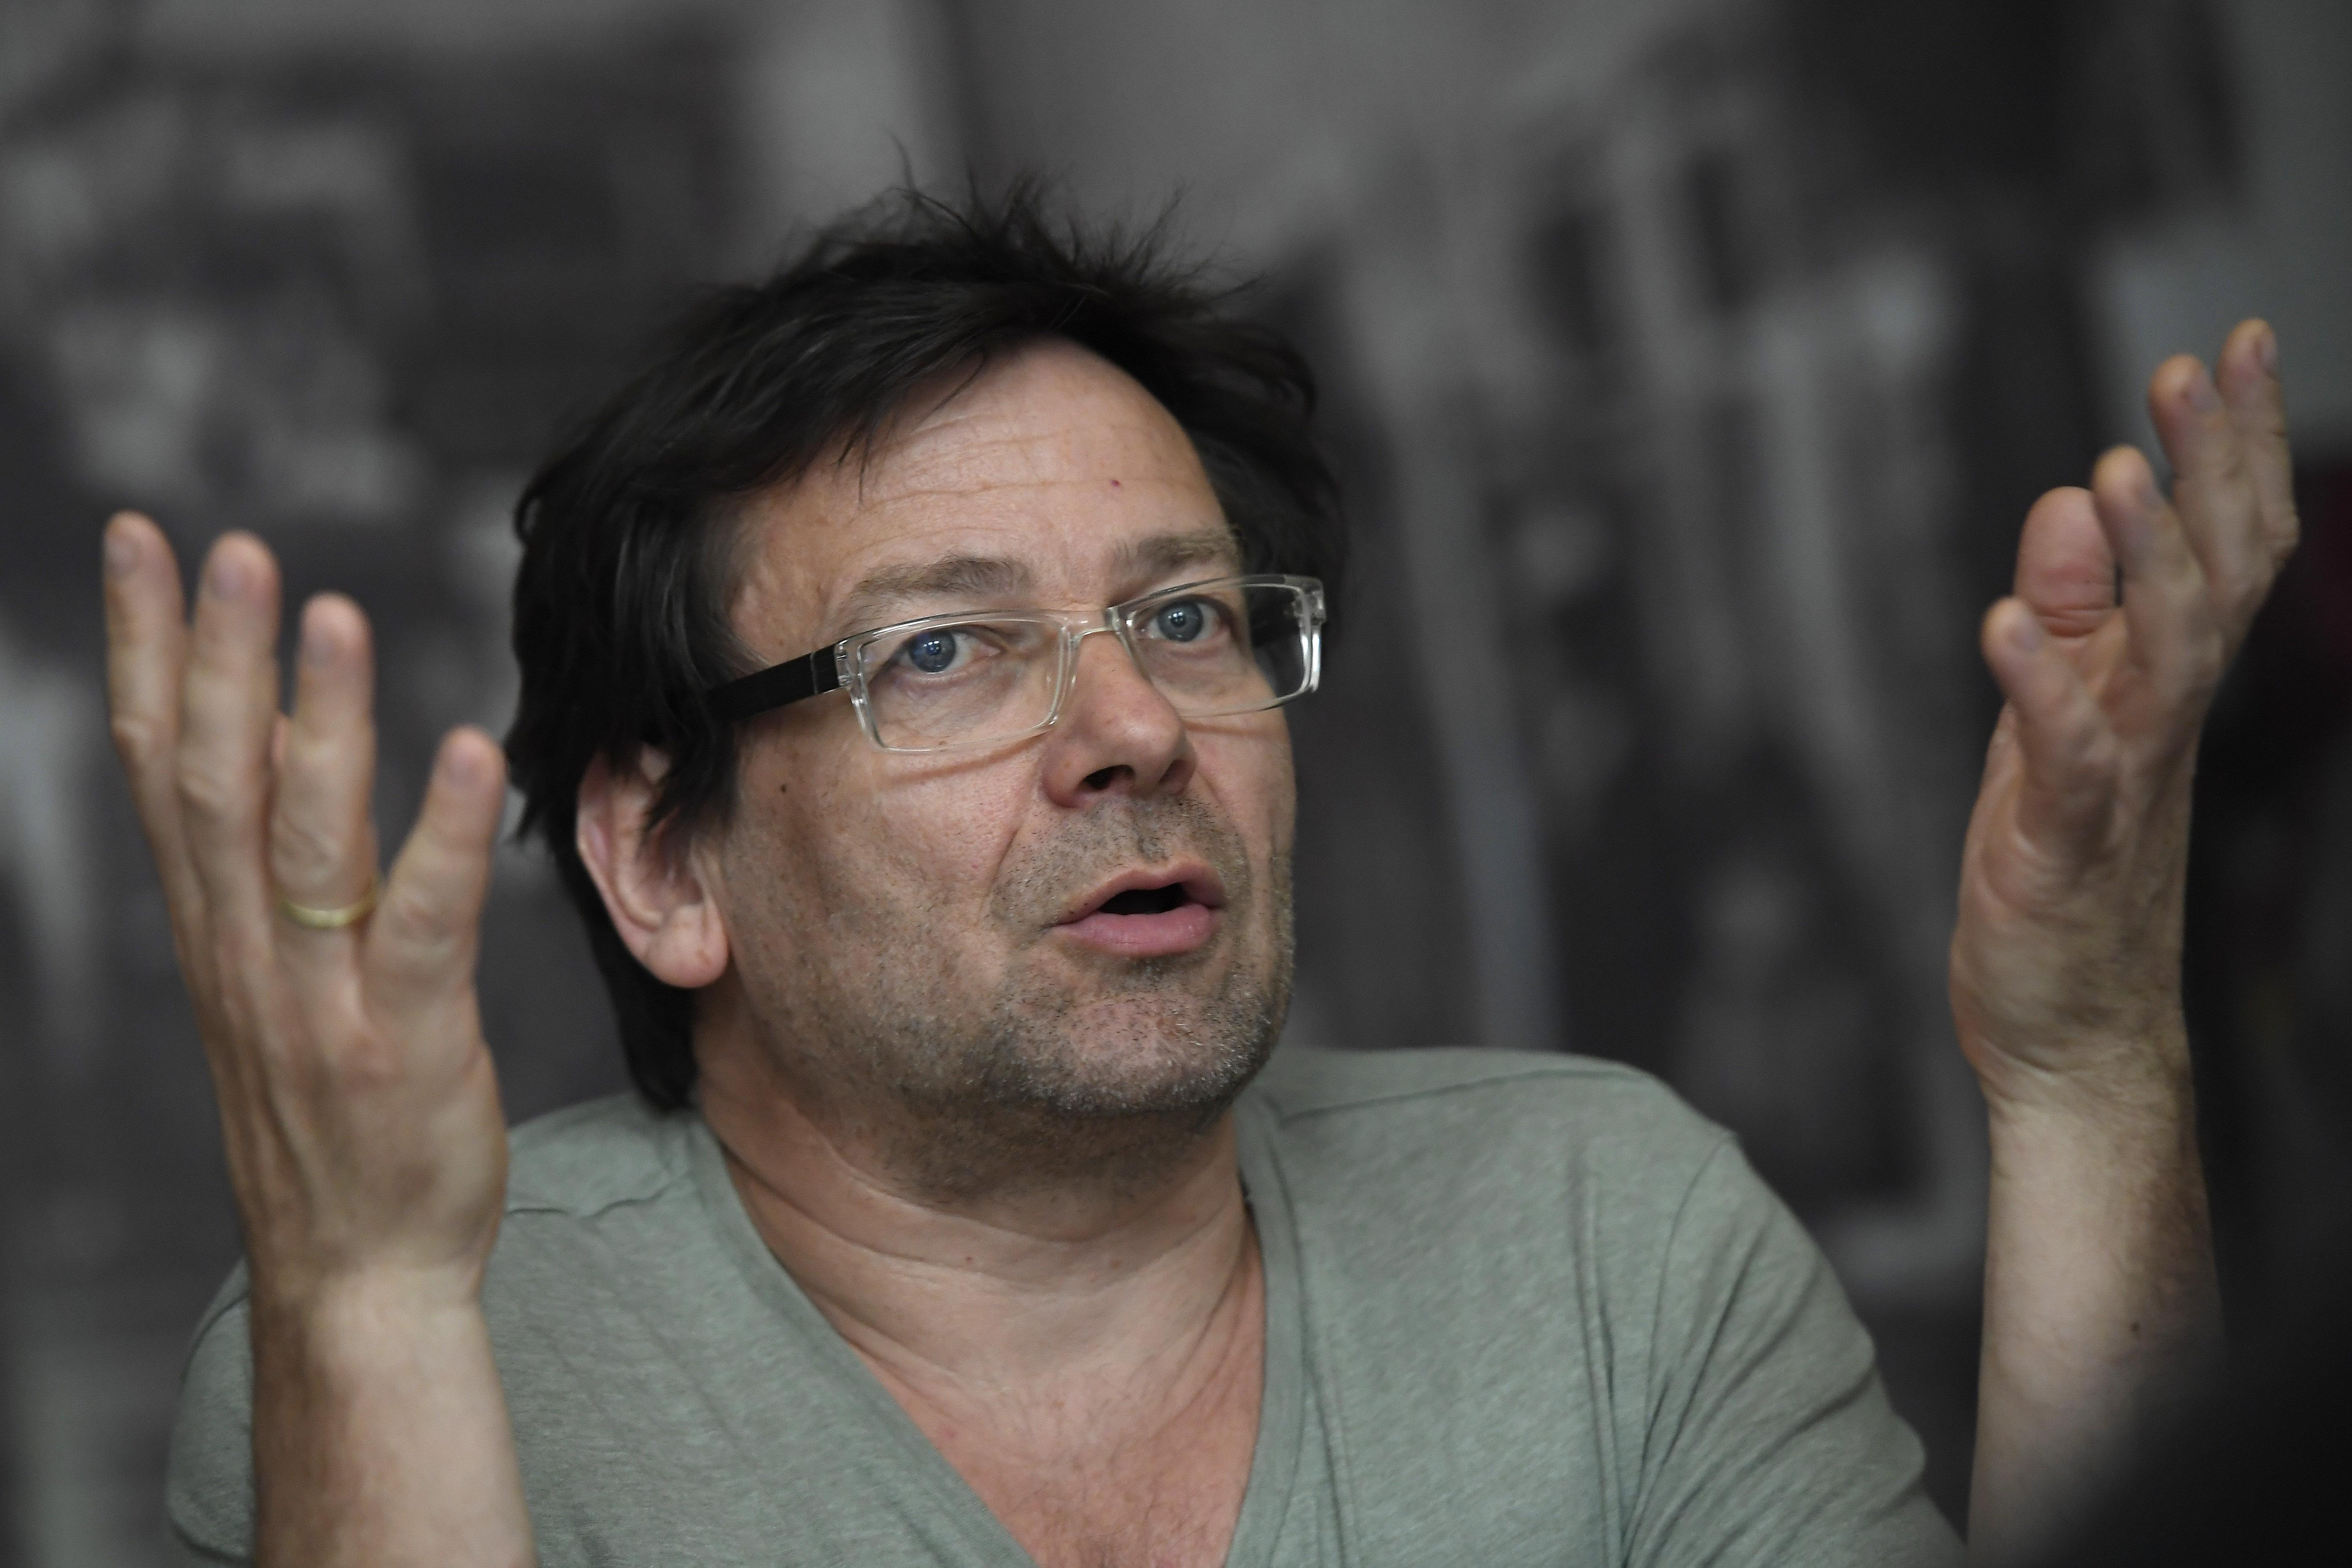 Lovasi András: Remélem, megérem a bukásukat, hogy a NER úgy megy a kukába, mint nemrég az alaptörvény szerzője